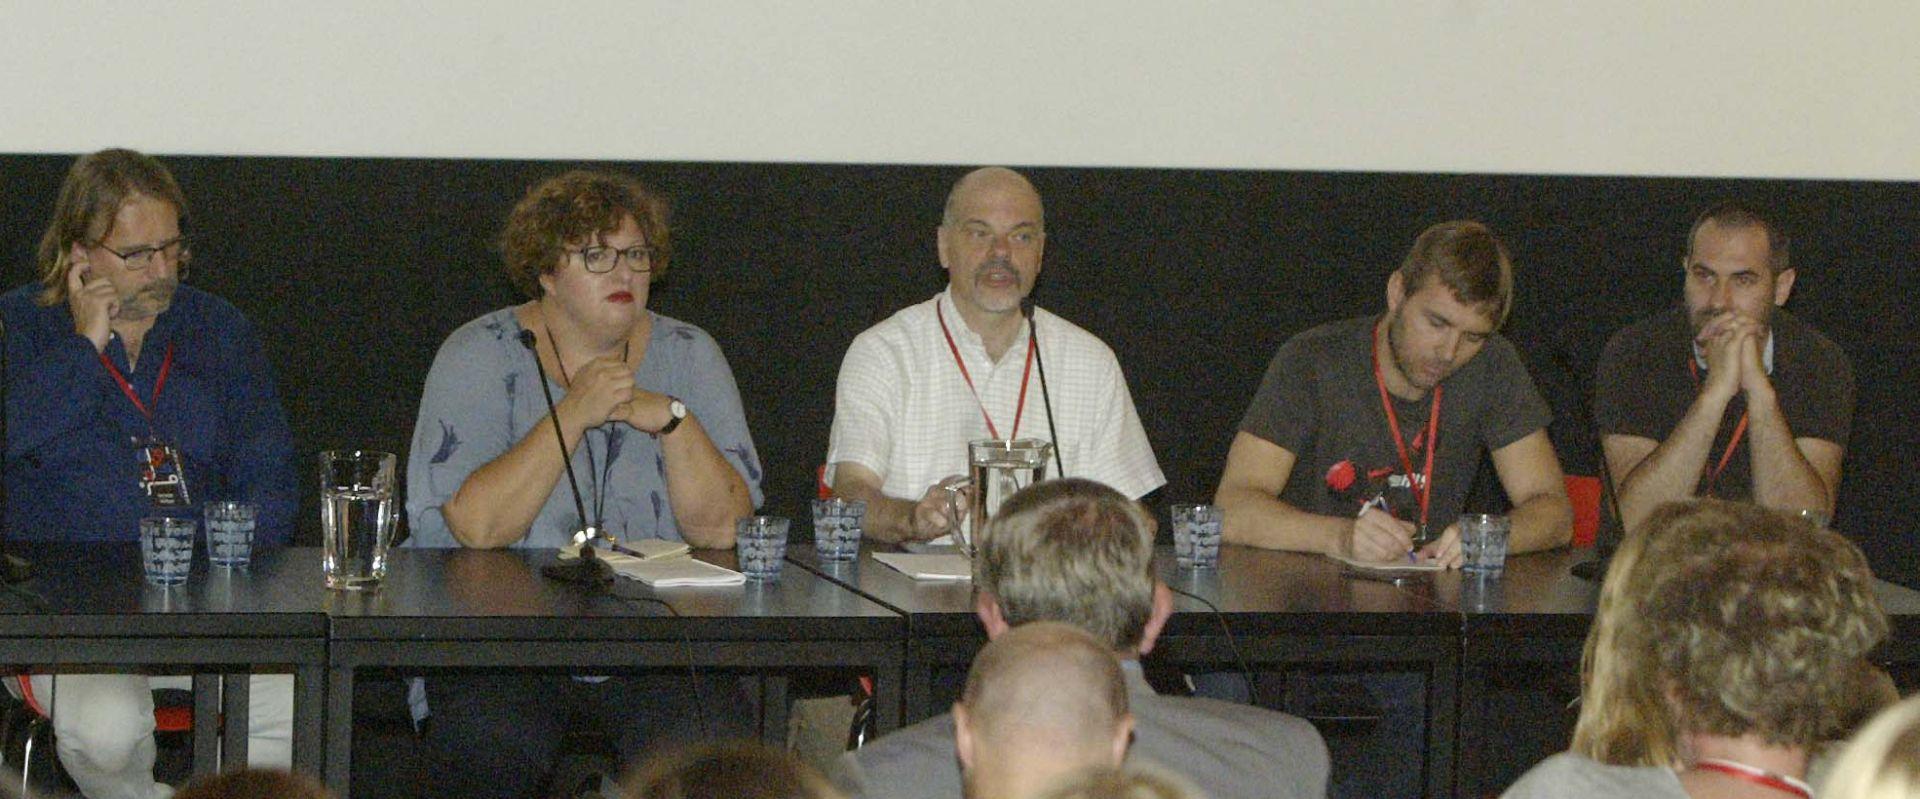 Otvoren drugi Sajam filma u riječkom Art-kinu Croatia